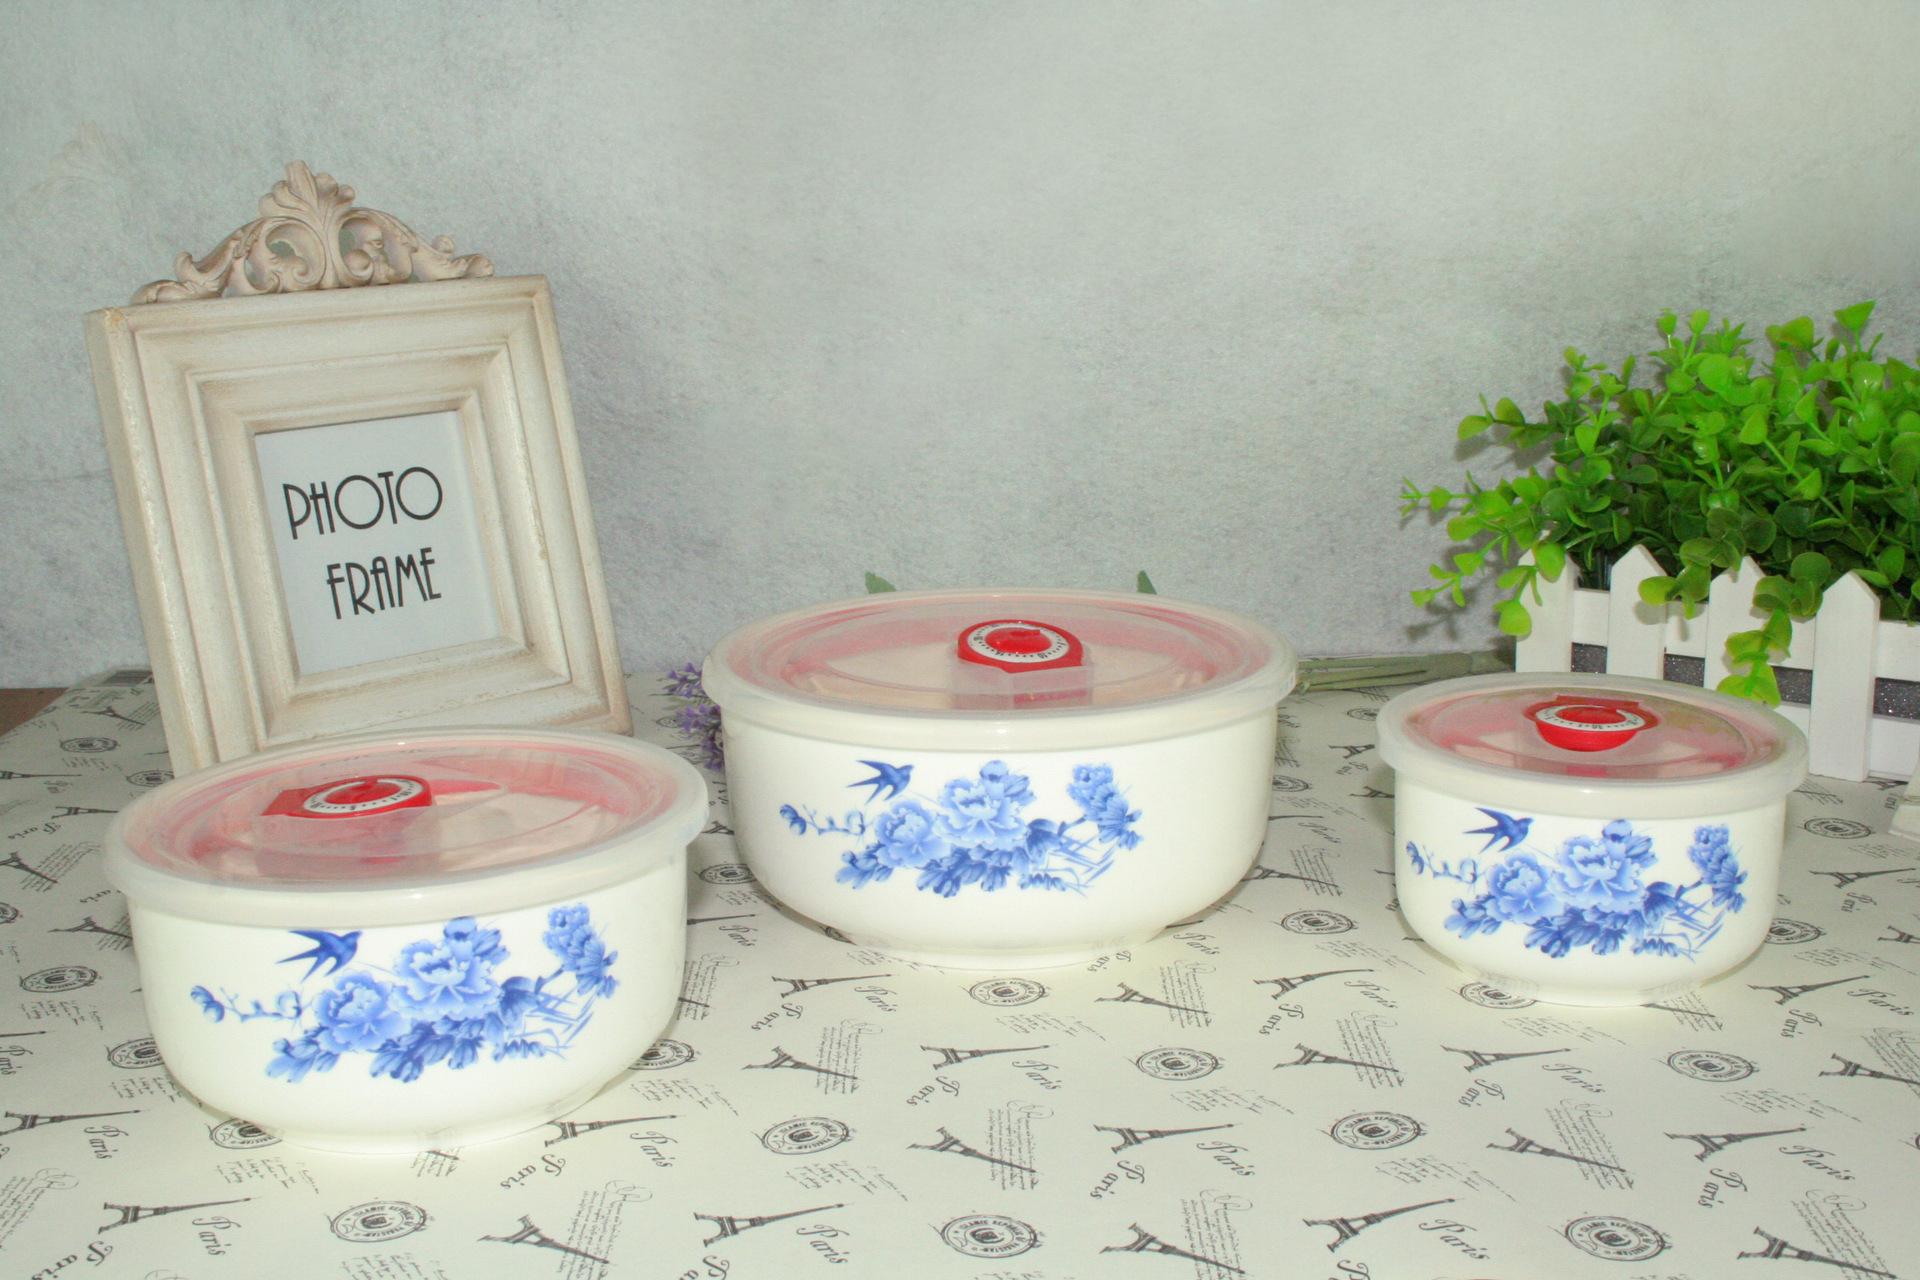 厂家直销骨瓷保鲜碗三件套微波炉陶瓷饭盒保鲜盒瓷碗保鲜餐具国色